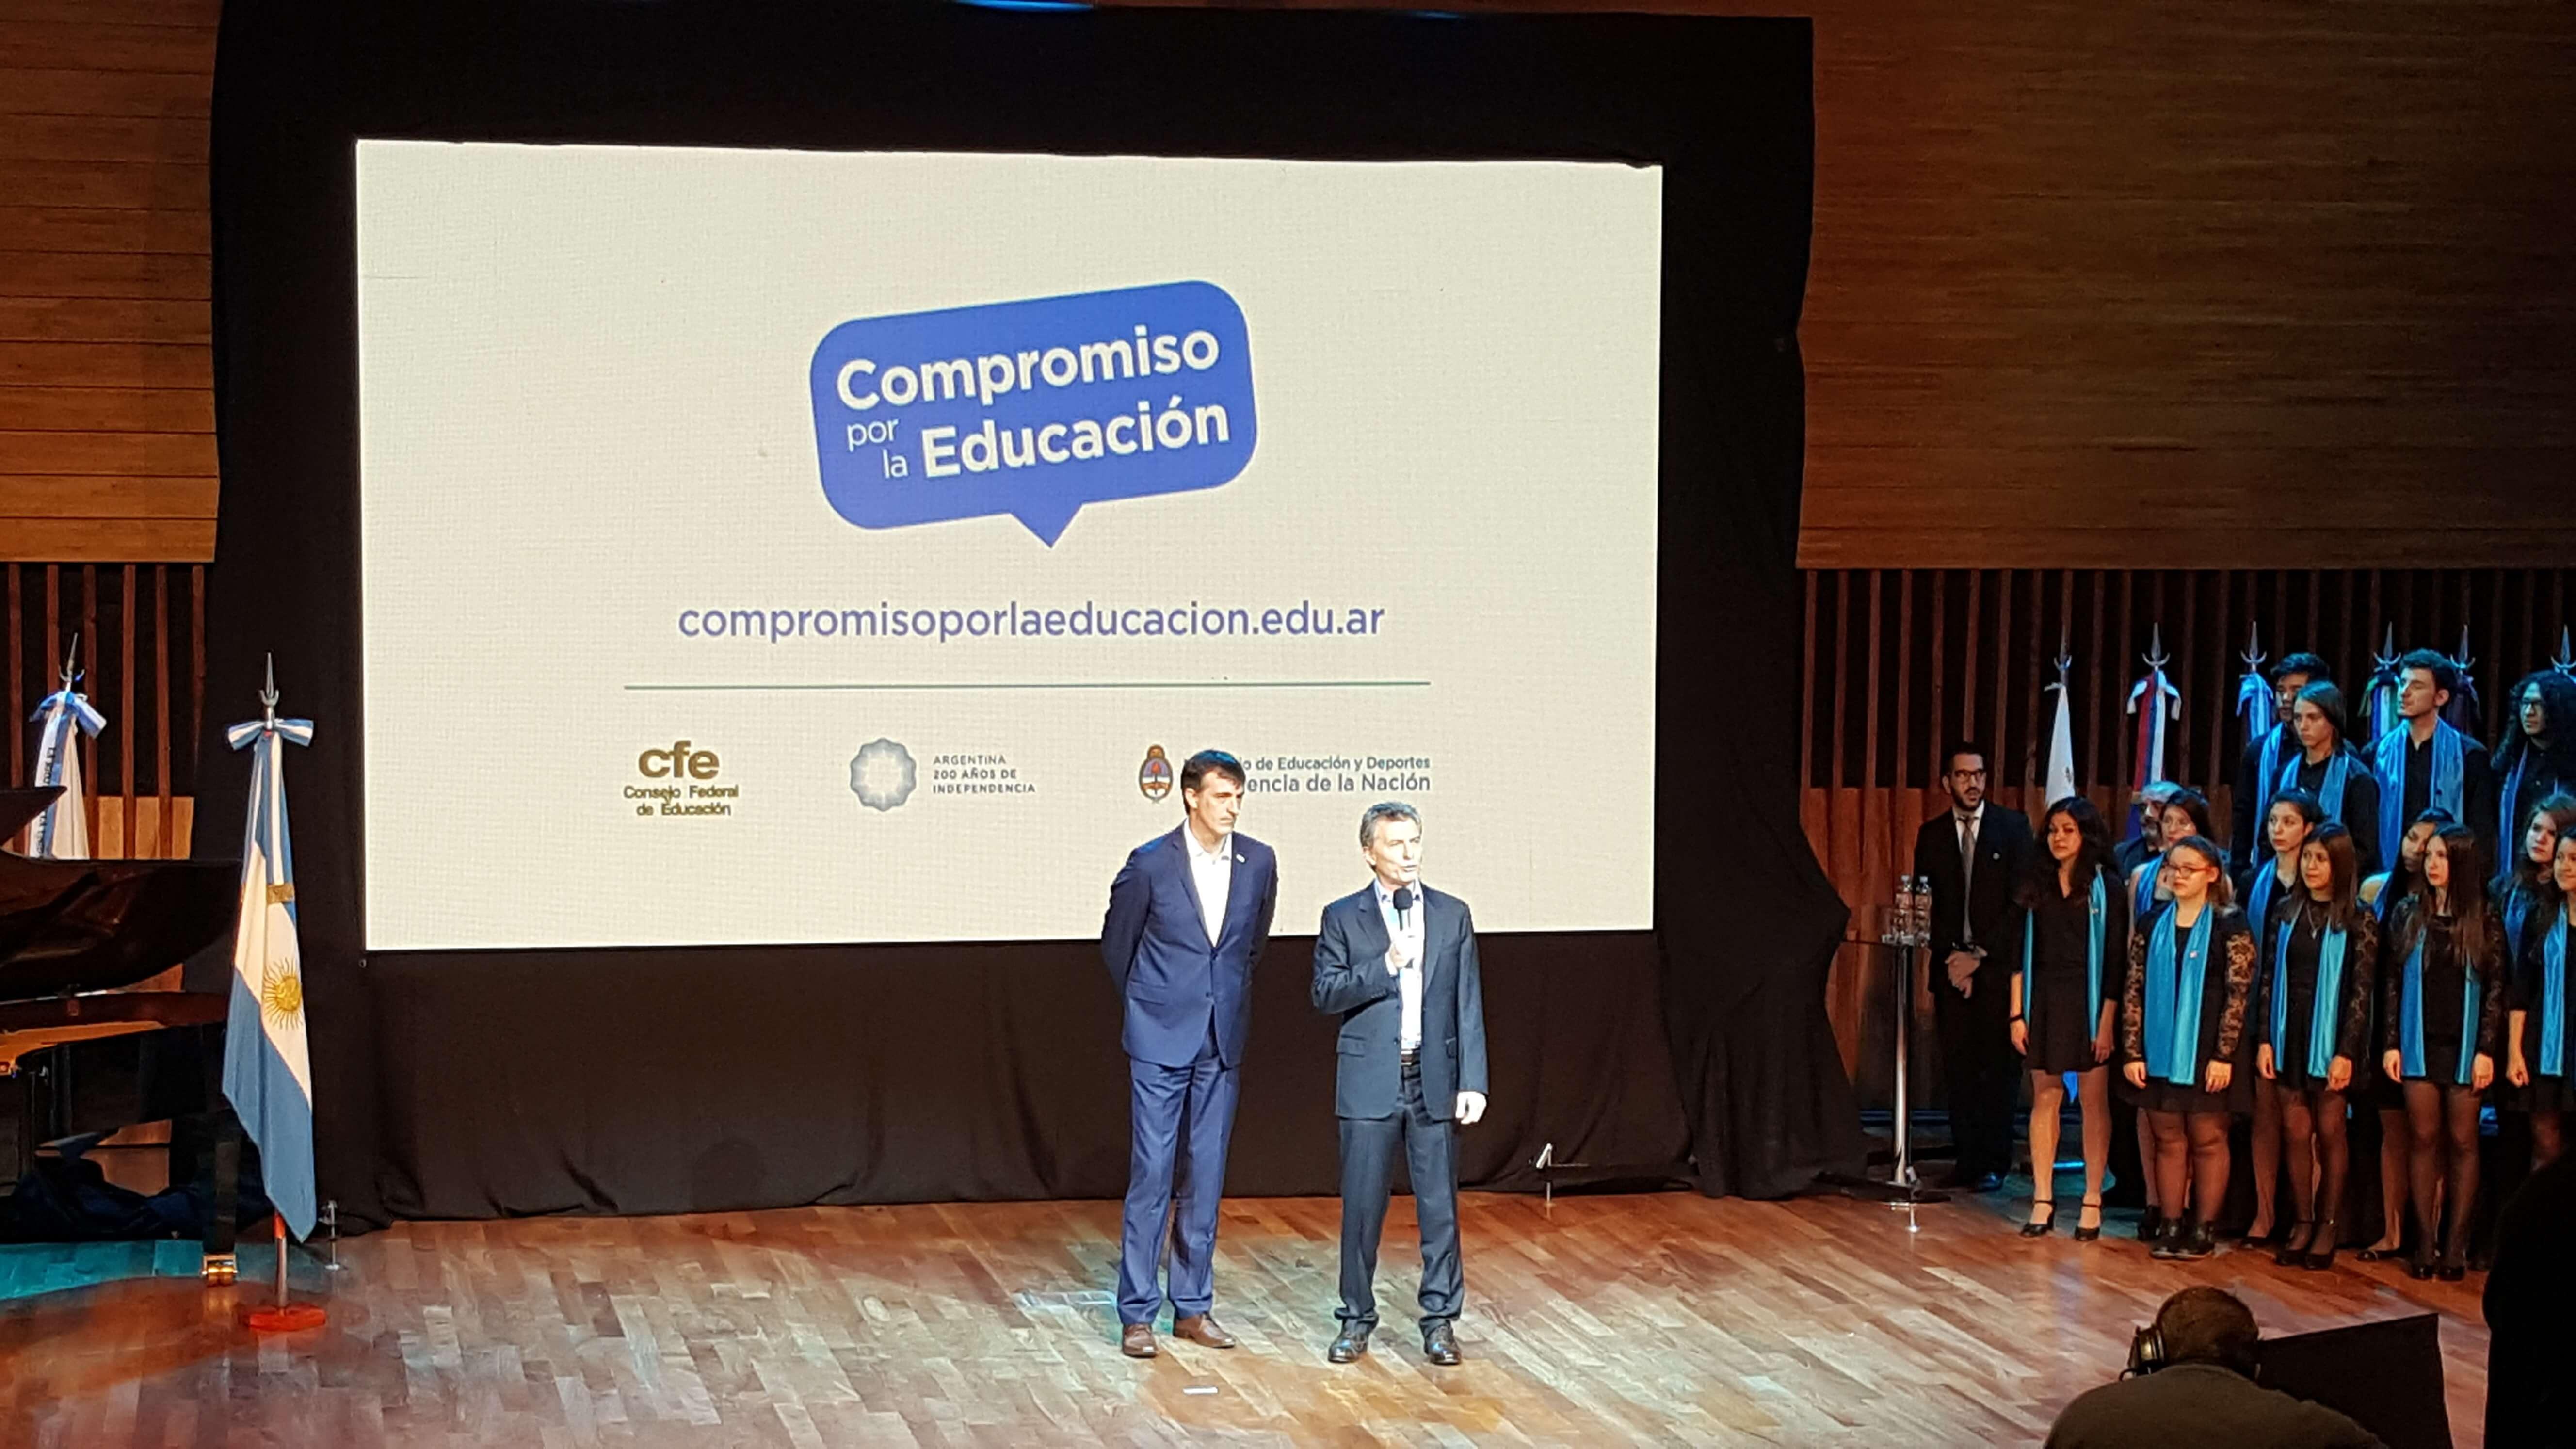 compromiso-la-educacion-120160725084122004.jpg